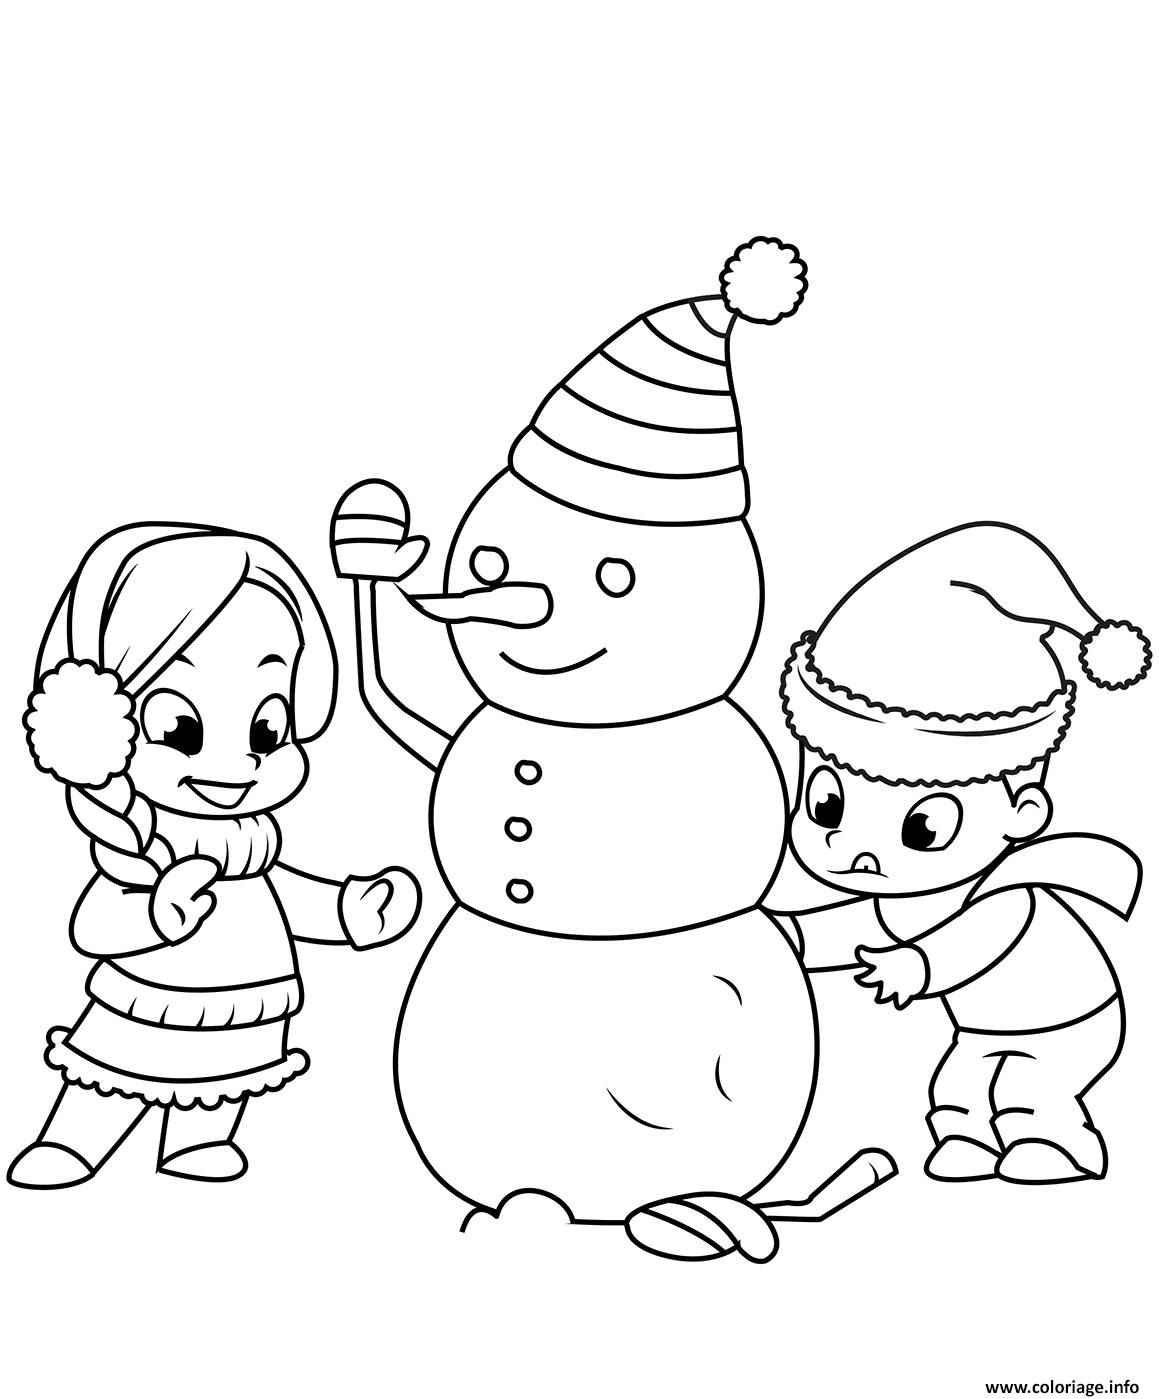 Coloriage les enfants construisent un bonhomme de neige - Dessin de neige ...